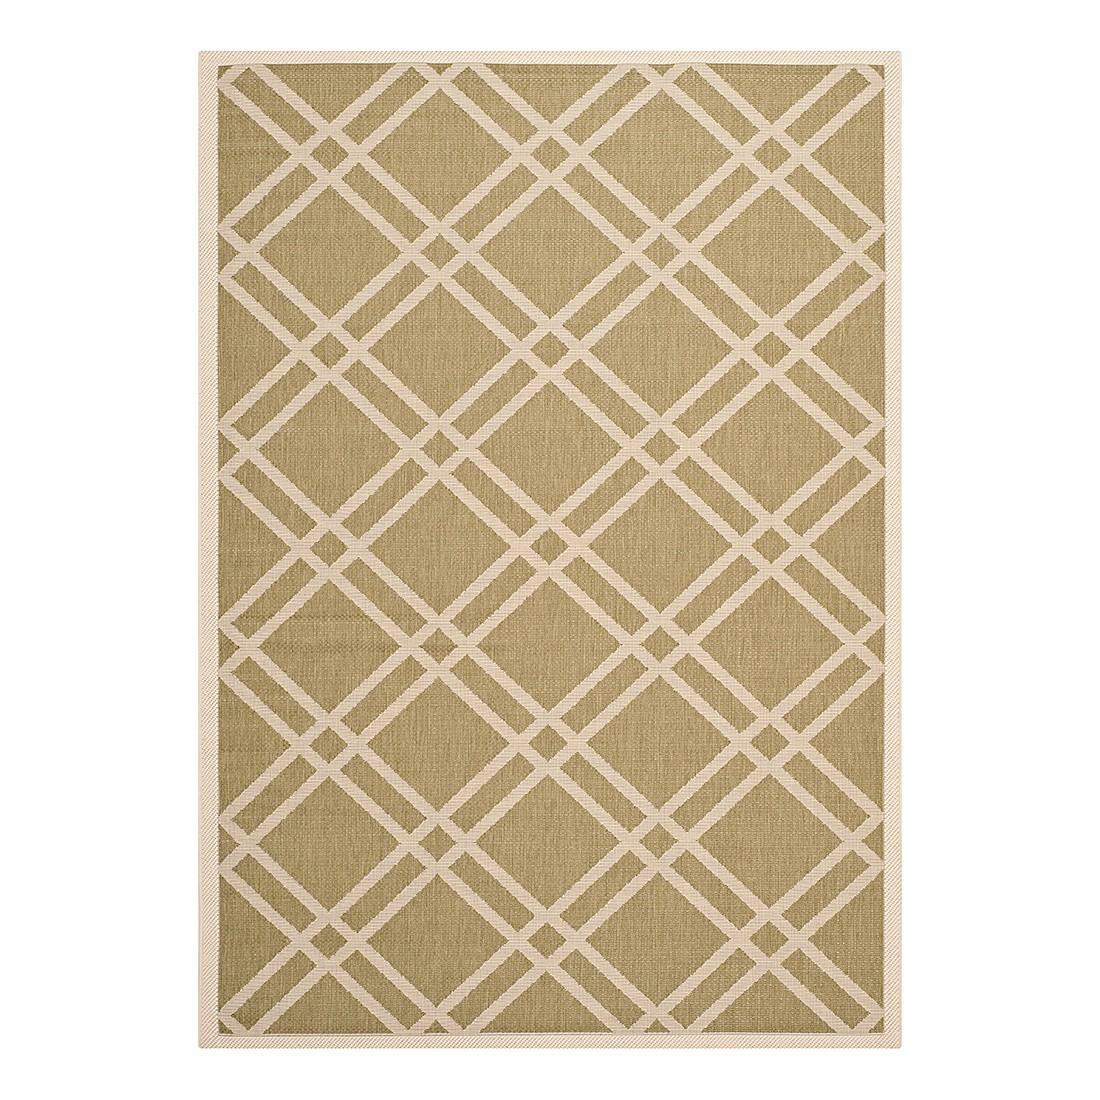 In-/Outdoorteppich Marbella – Grün/Beige – Maße: Maße: 60 x 109 cm, Safavieh günstig online kaufen